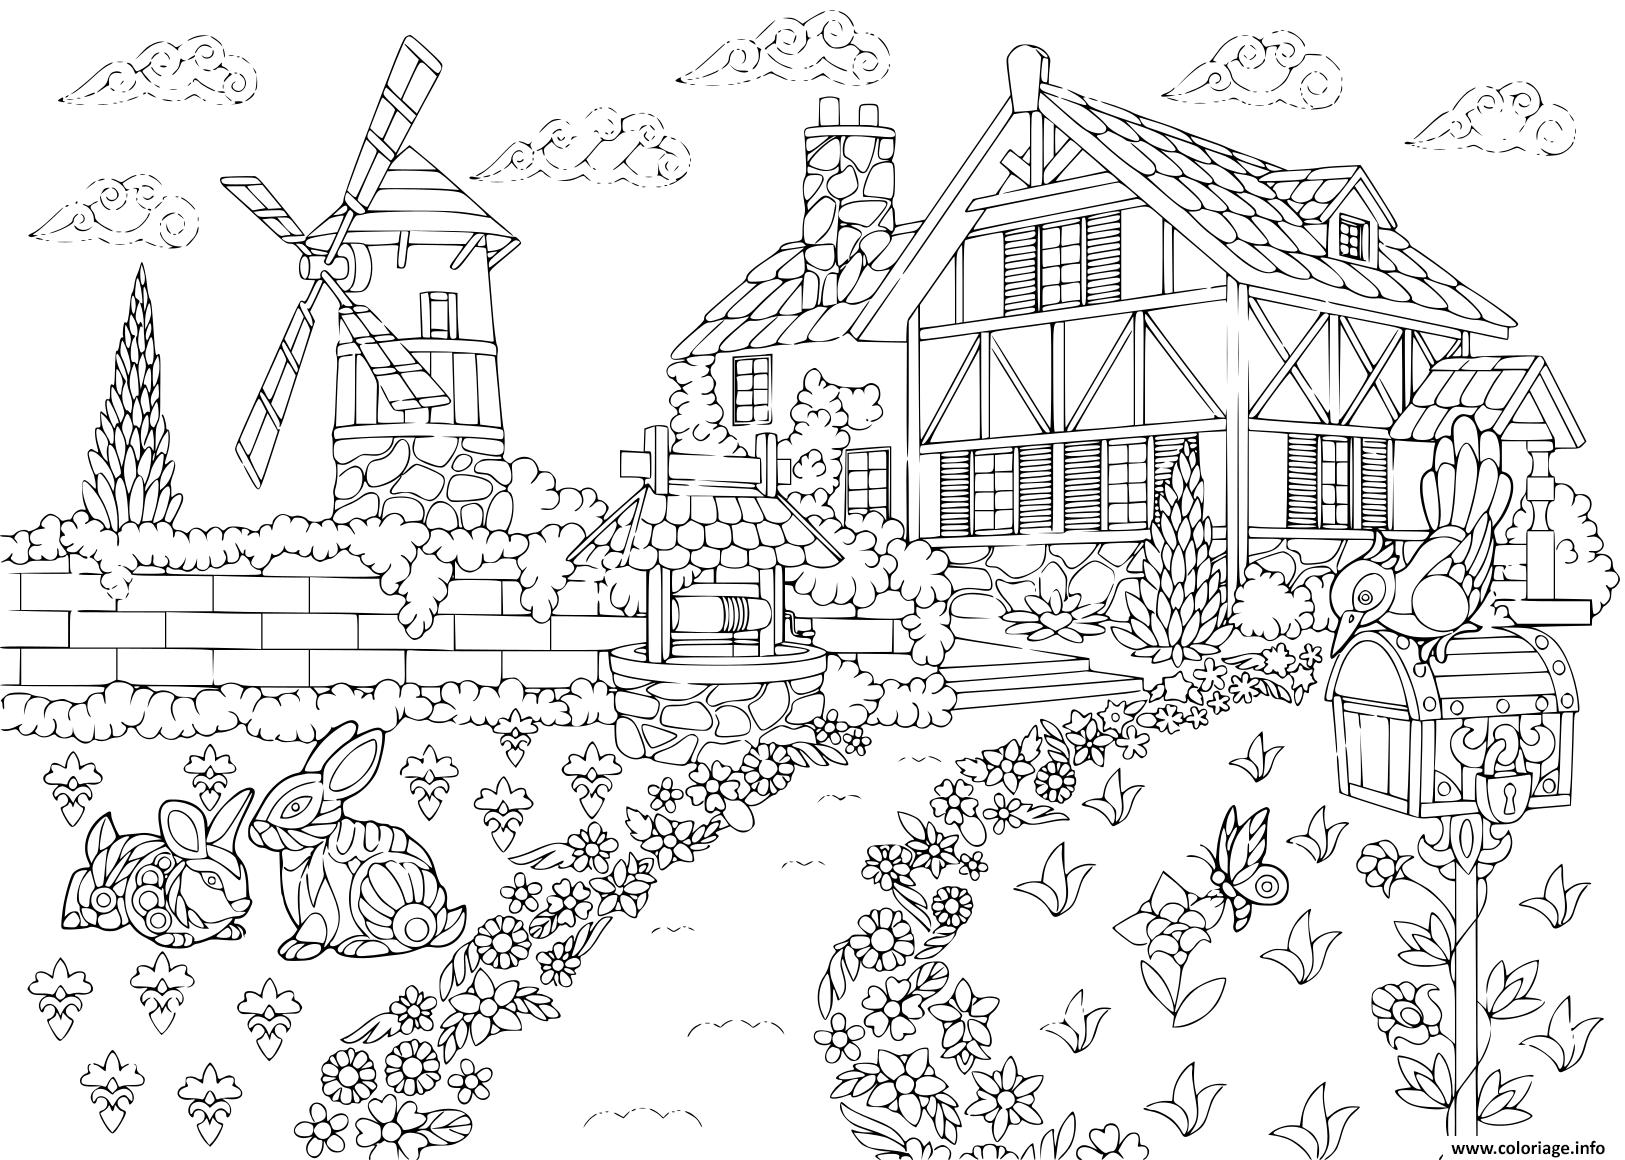 Coloriage Adulte Paysage Rural Ferme Moulin A Vent Puits D Eau Boite Aux Lettres Lapins Et Oiseau Pic Cro Dessin Adulte A Imprimer